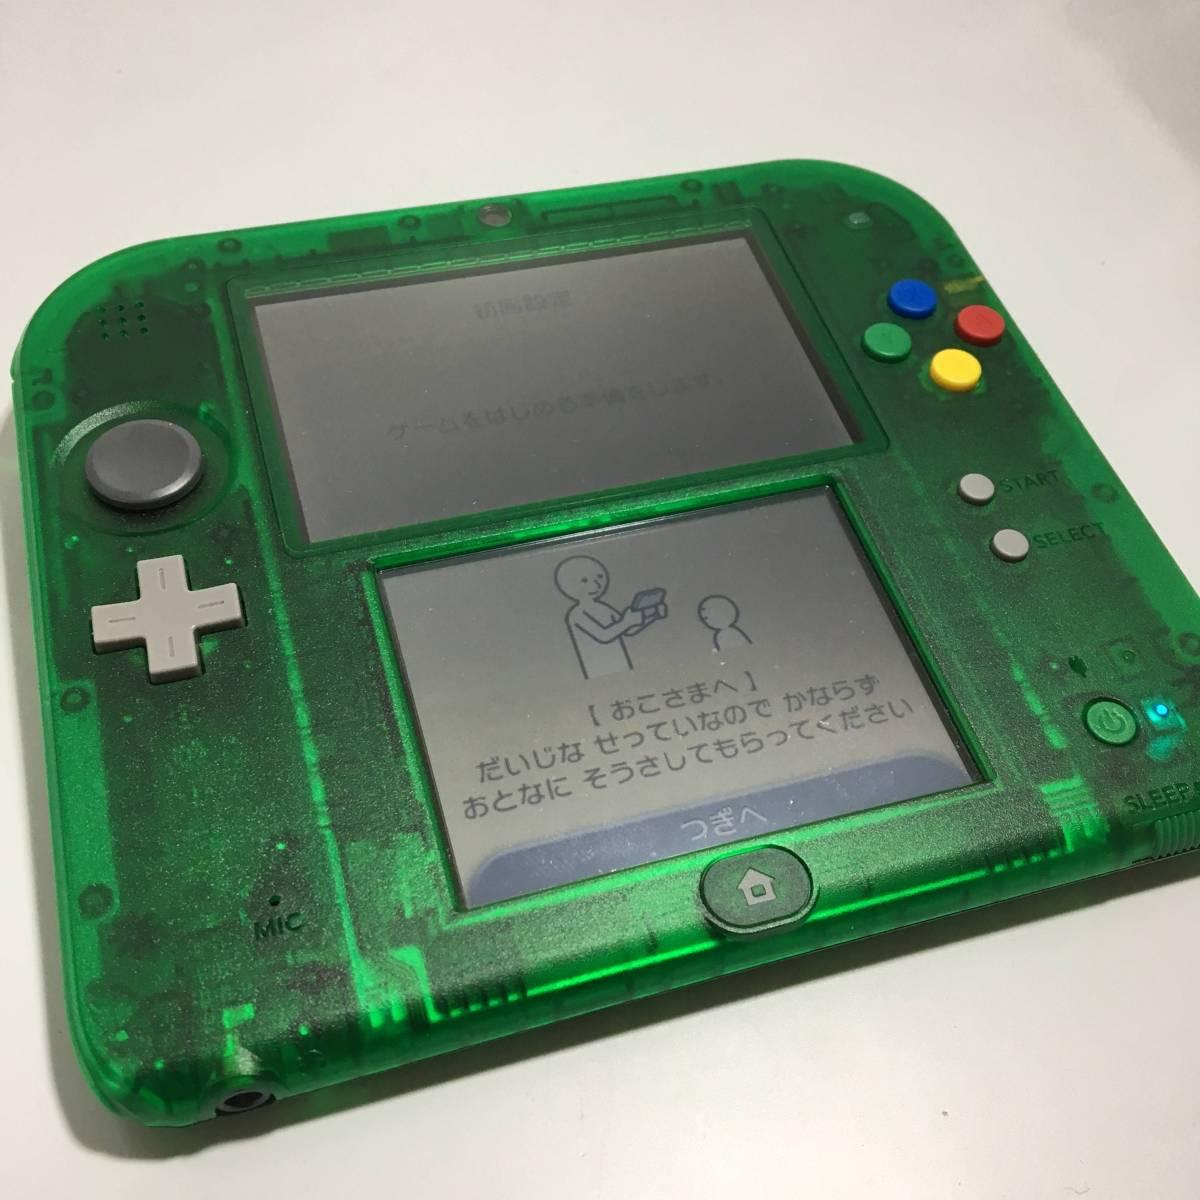 【極美品】ニンテンドー2DS ポケモン 緑 限定パック ARカード未開封 ステッカー未使用 クリアグリーン 3DS 本体 ソフト セット ll_画像2